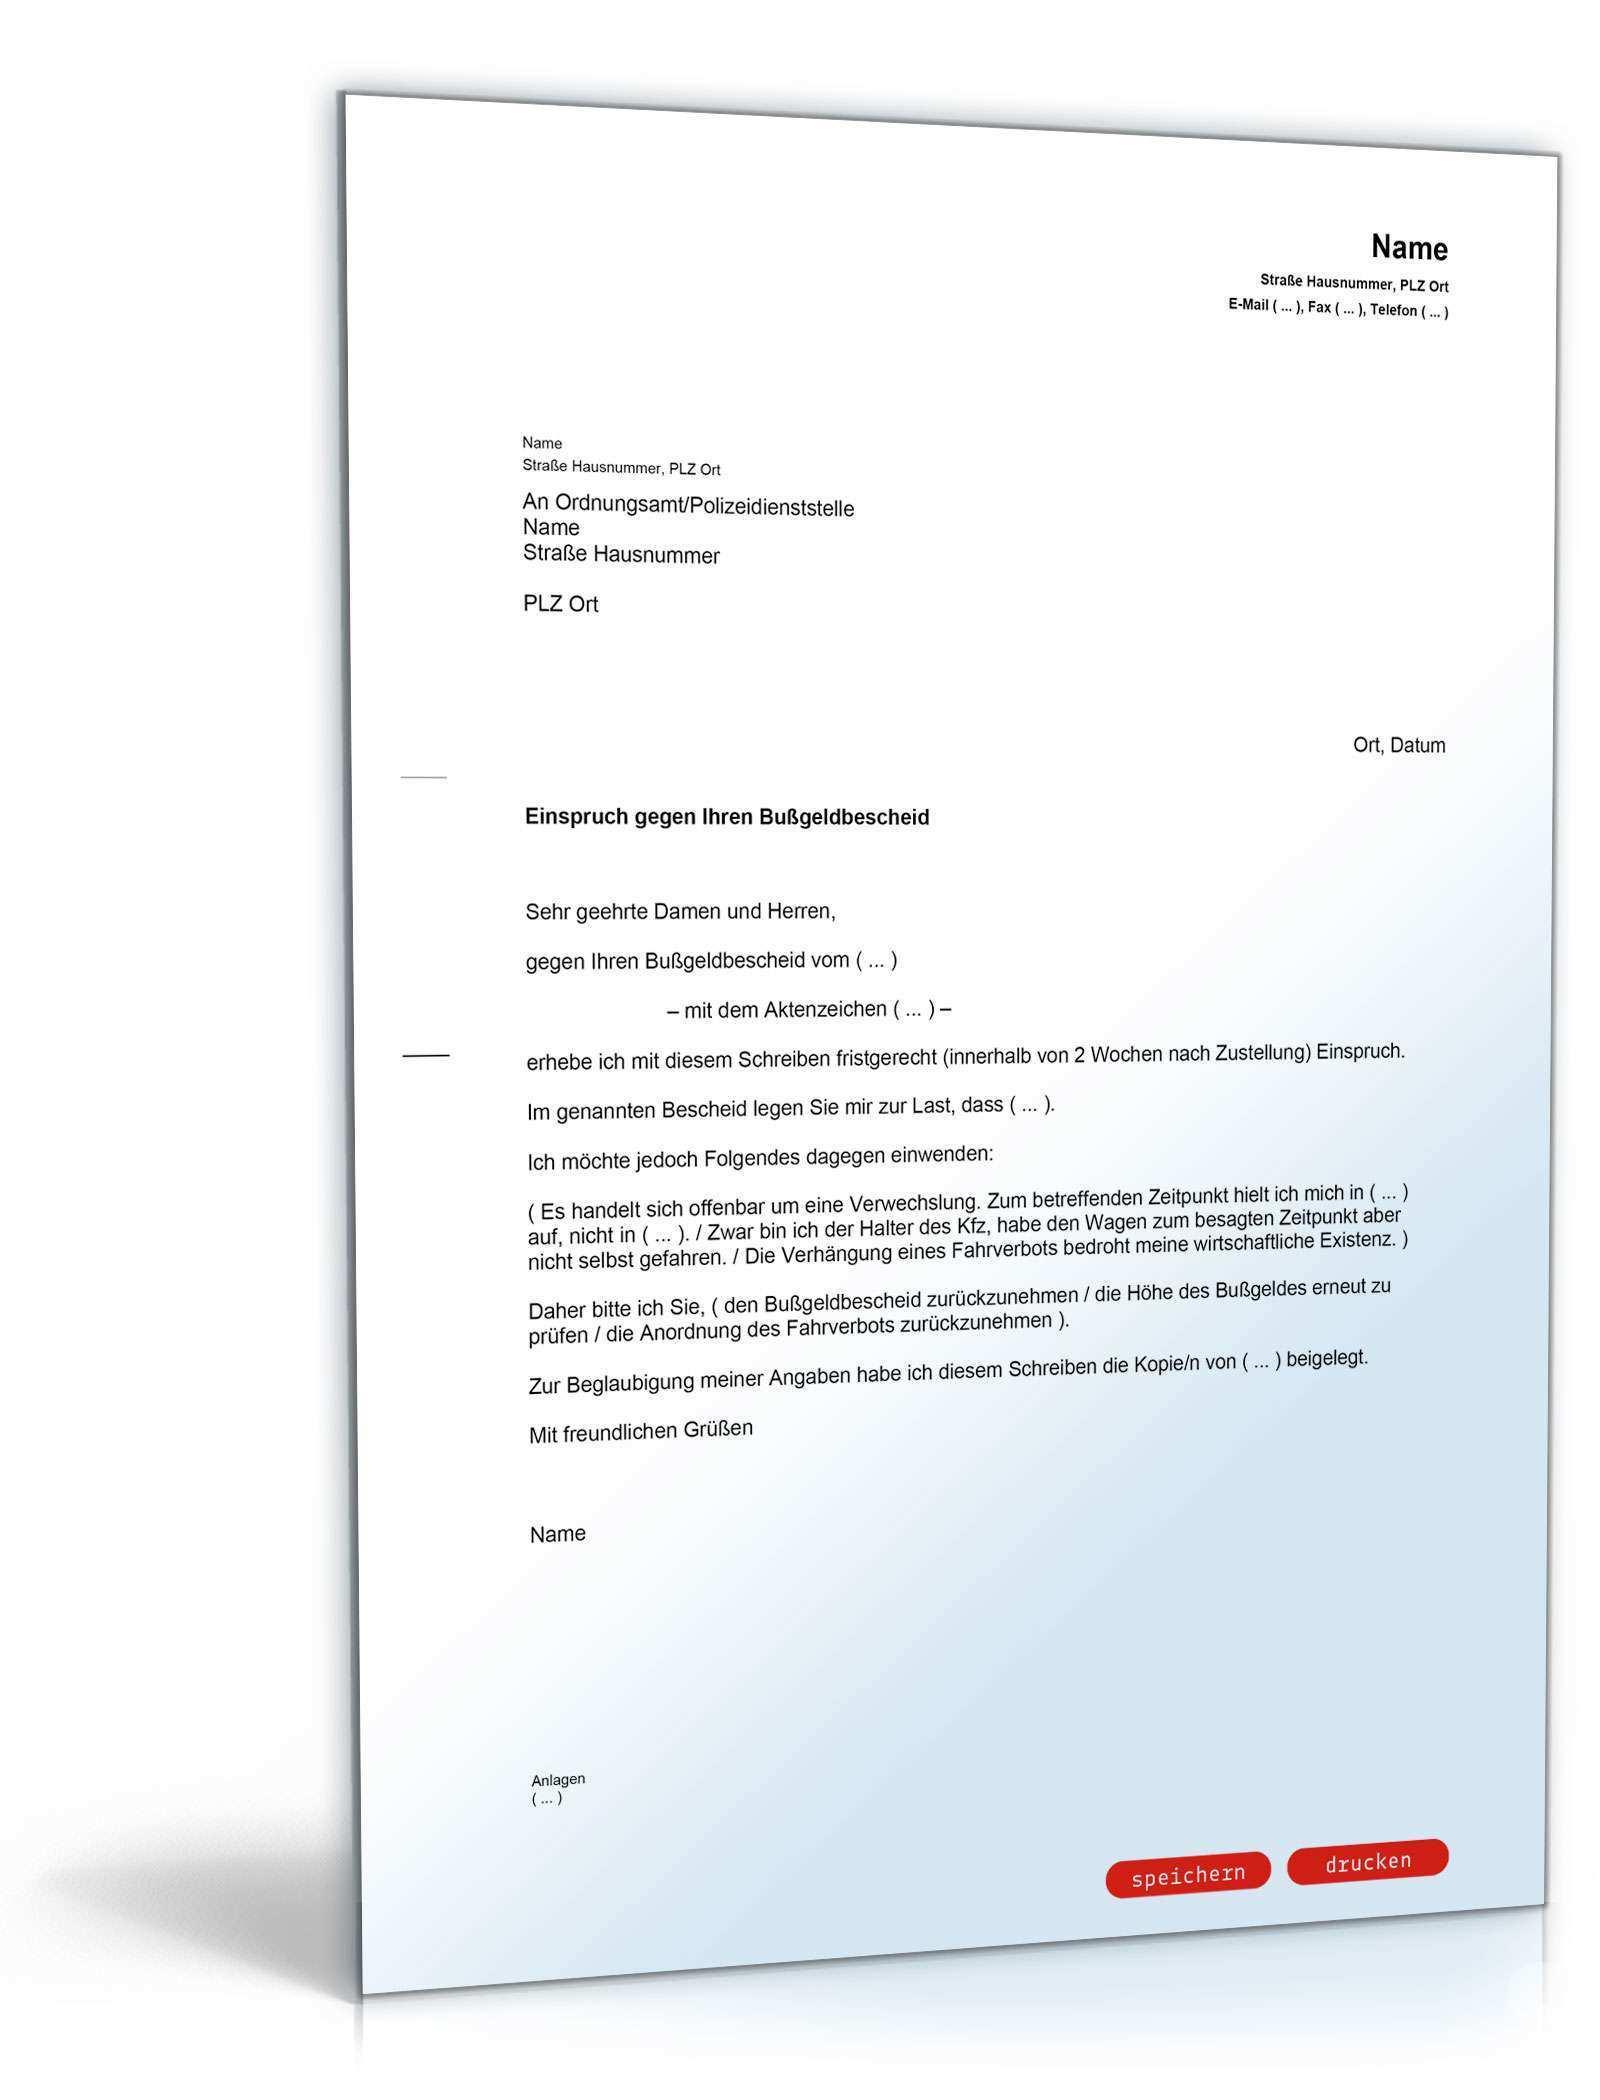 Einspruch Gegen Bussgeldbescheid Muster Vorlage Zum Download